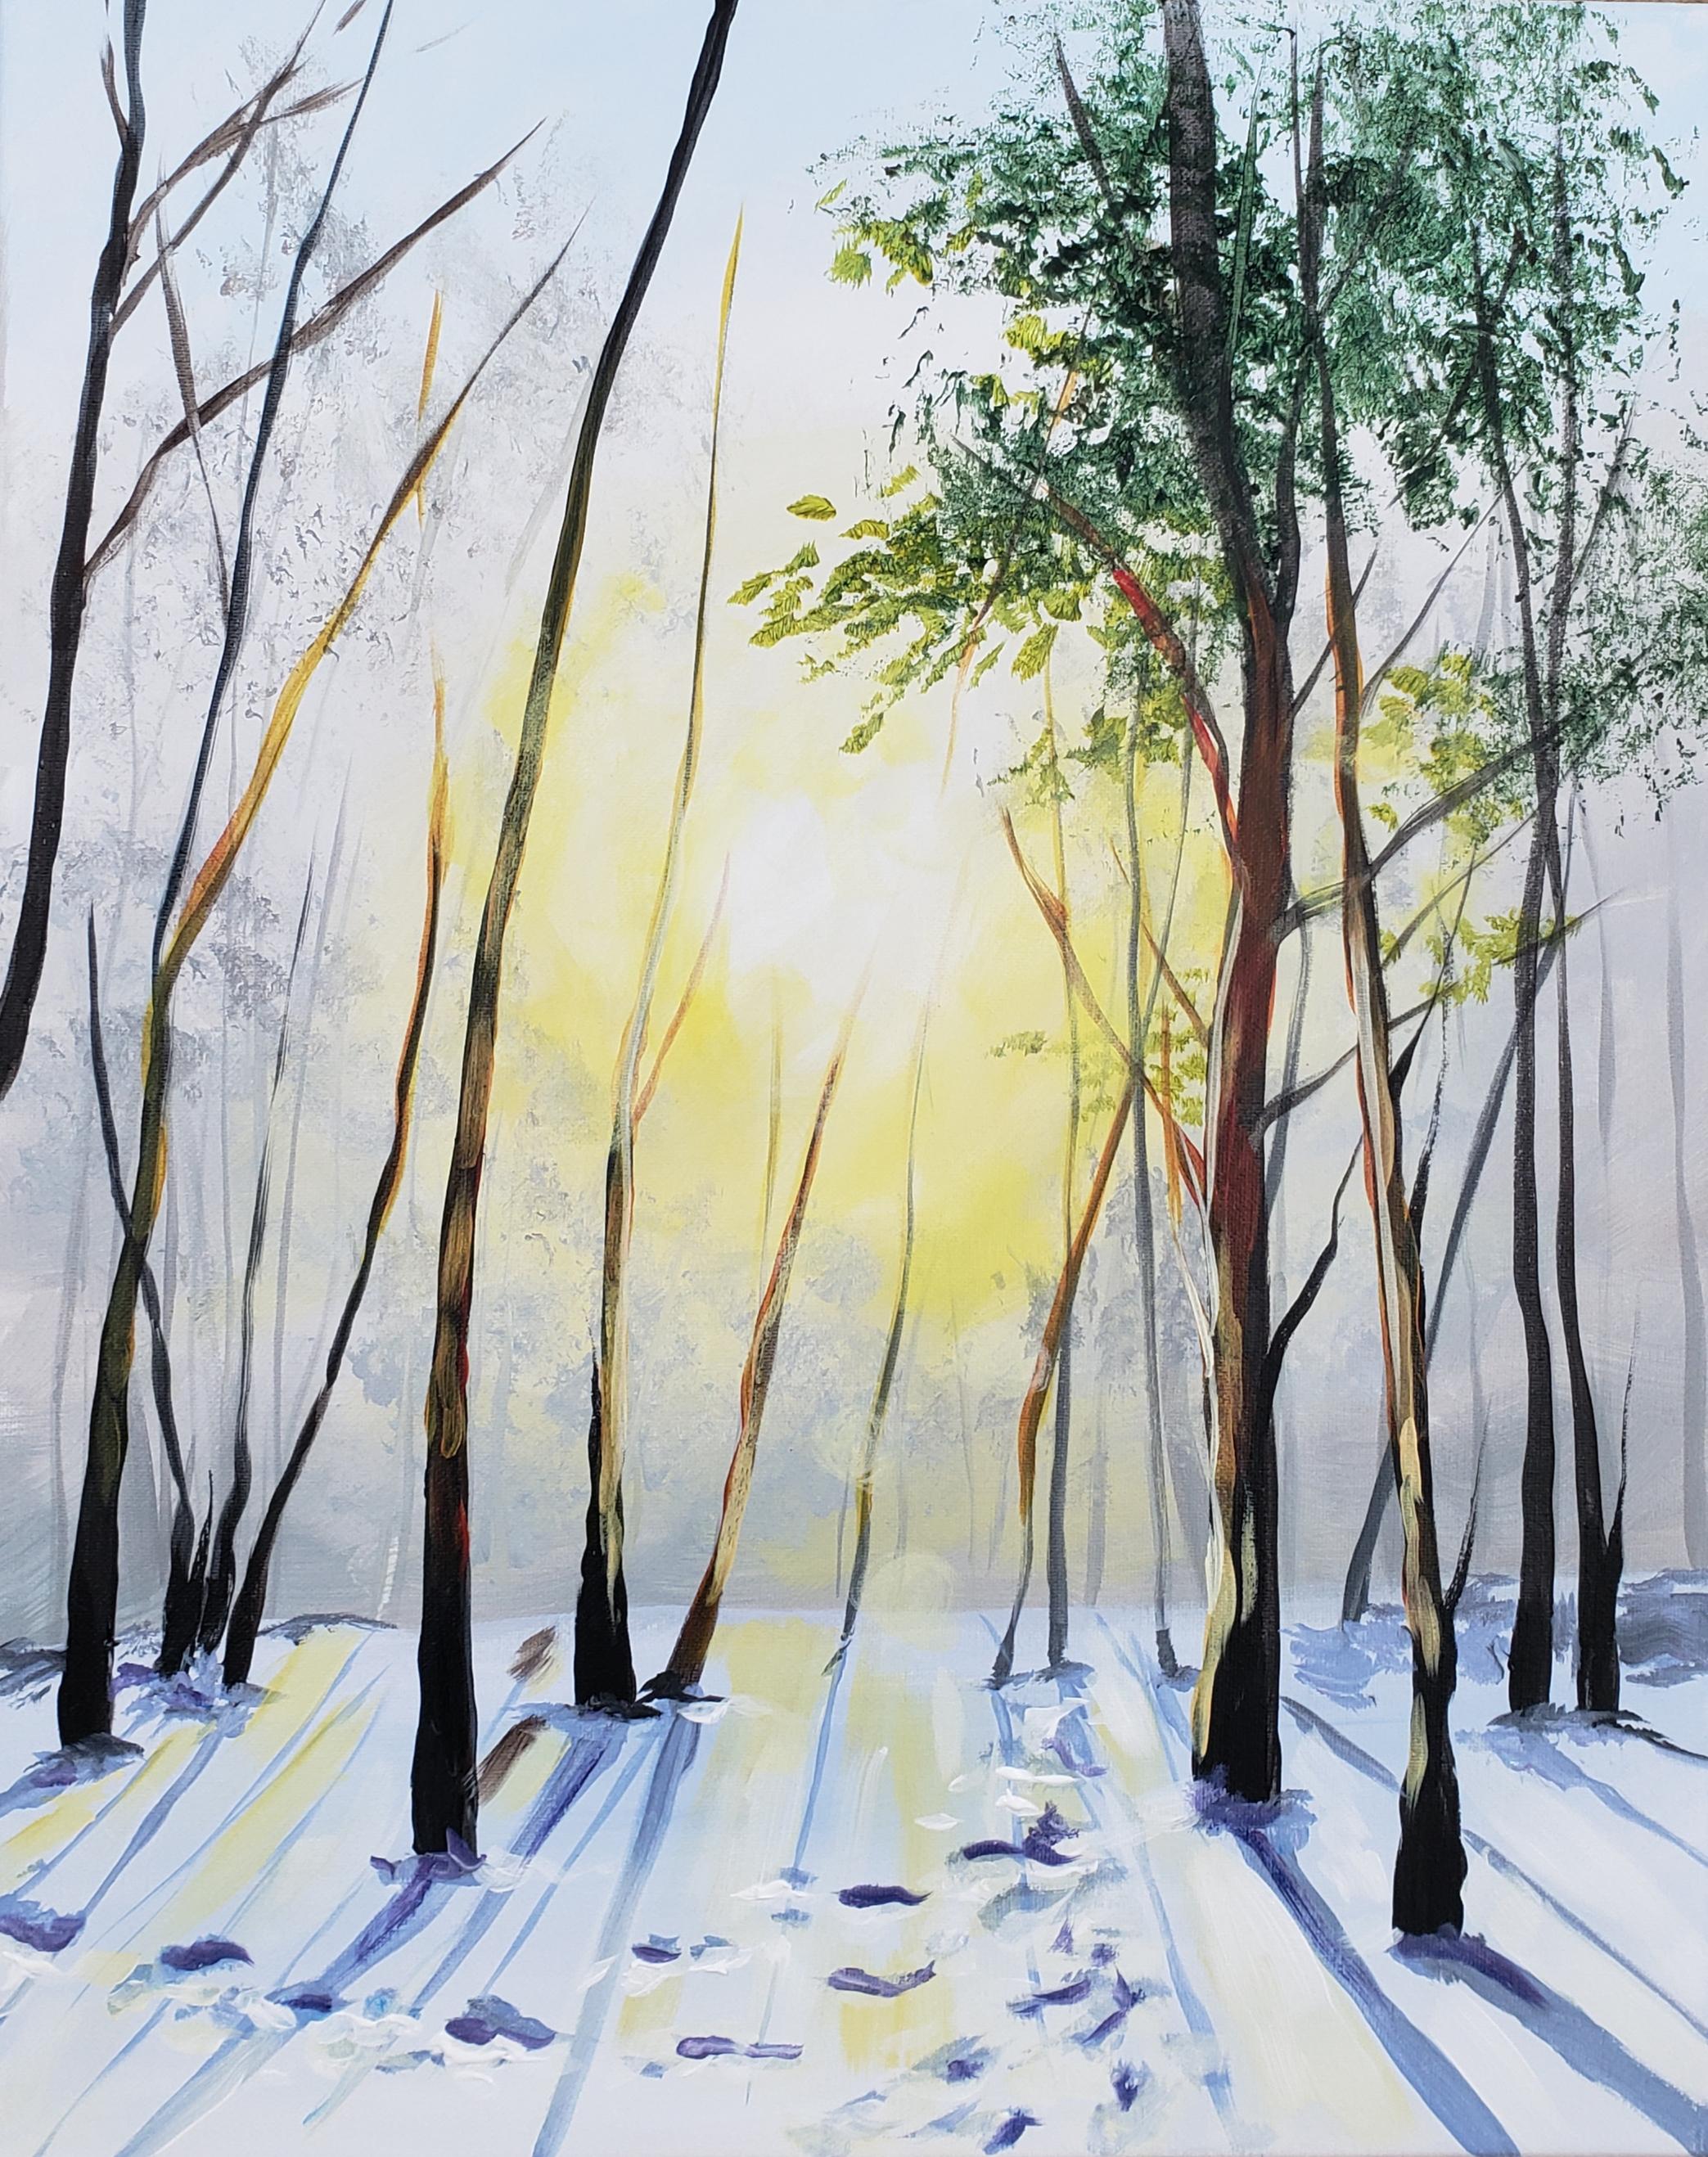 Sonja Forster Art - Happy Art - Winter Sunrise_original.jpg